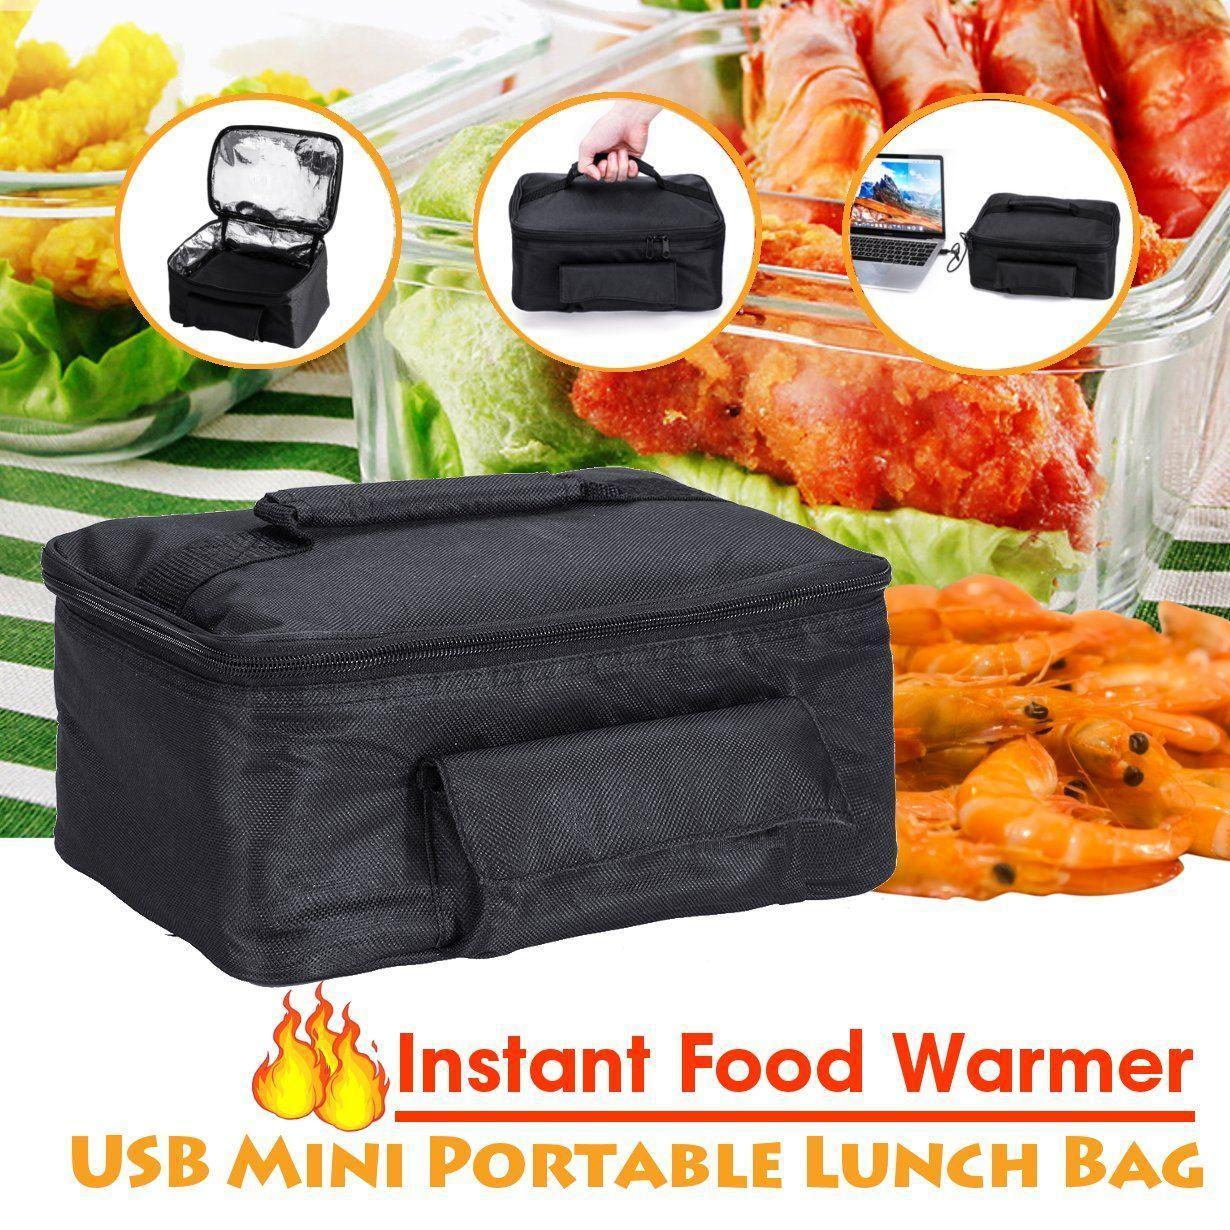 Mini USB portatile personale pranzo Forno Food Bag Warmer Forno elettrico Riscaldamento Lunch Box Veicolo / Household Y200429